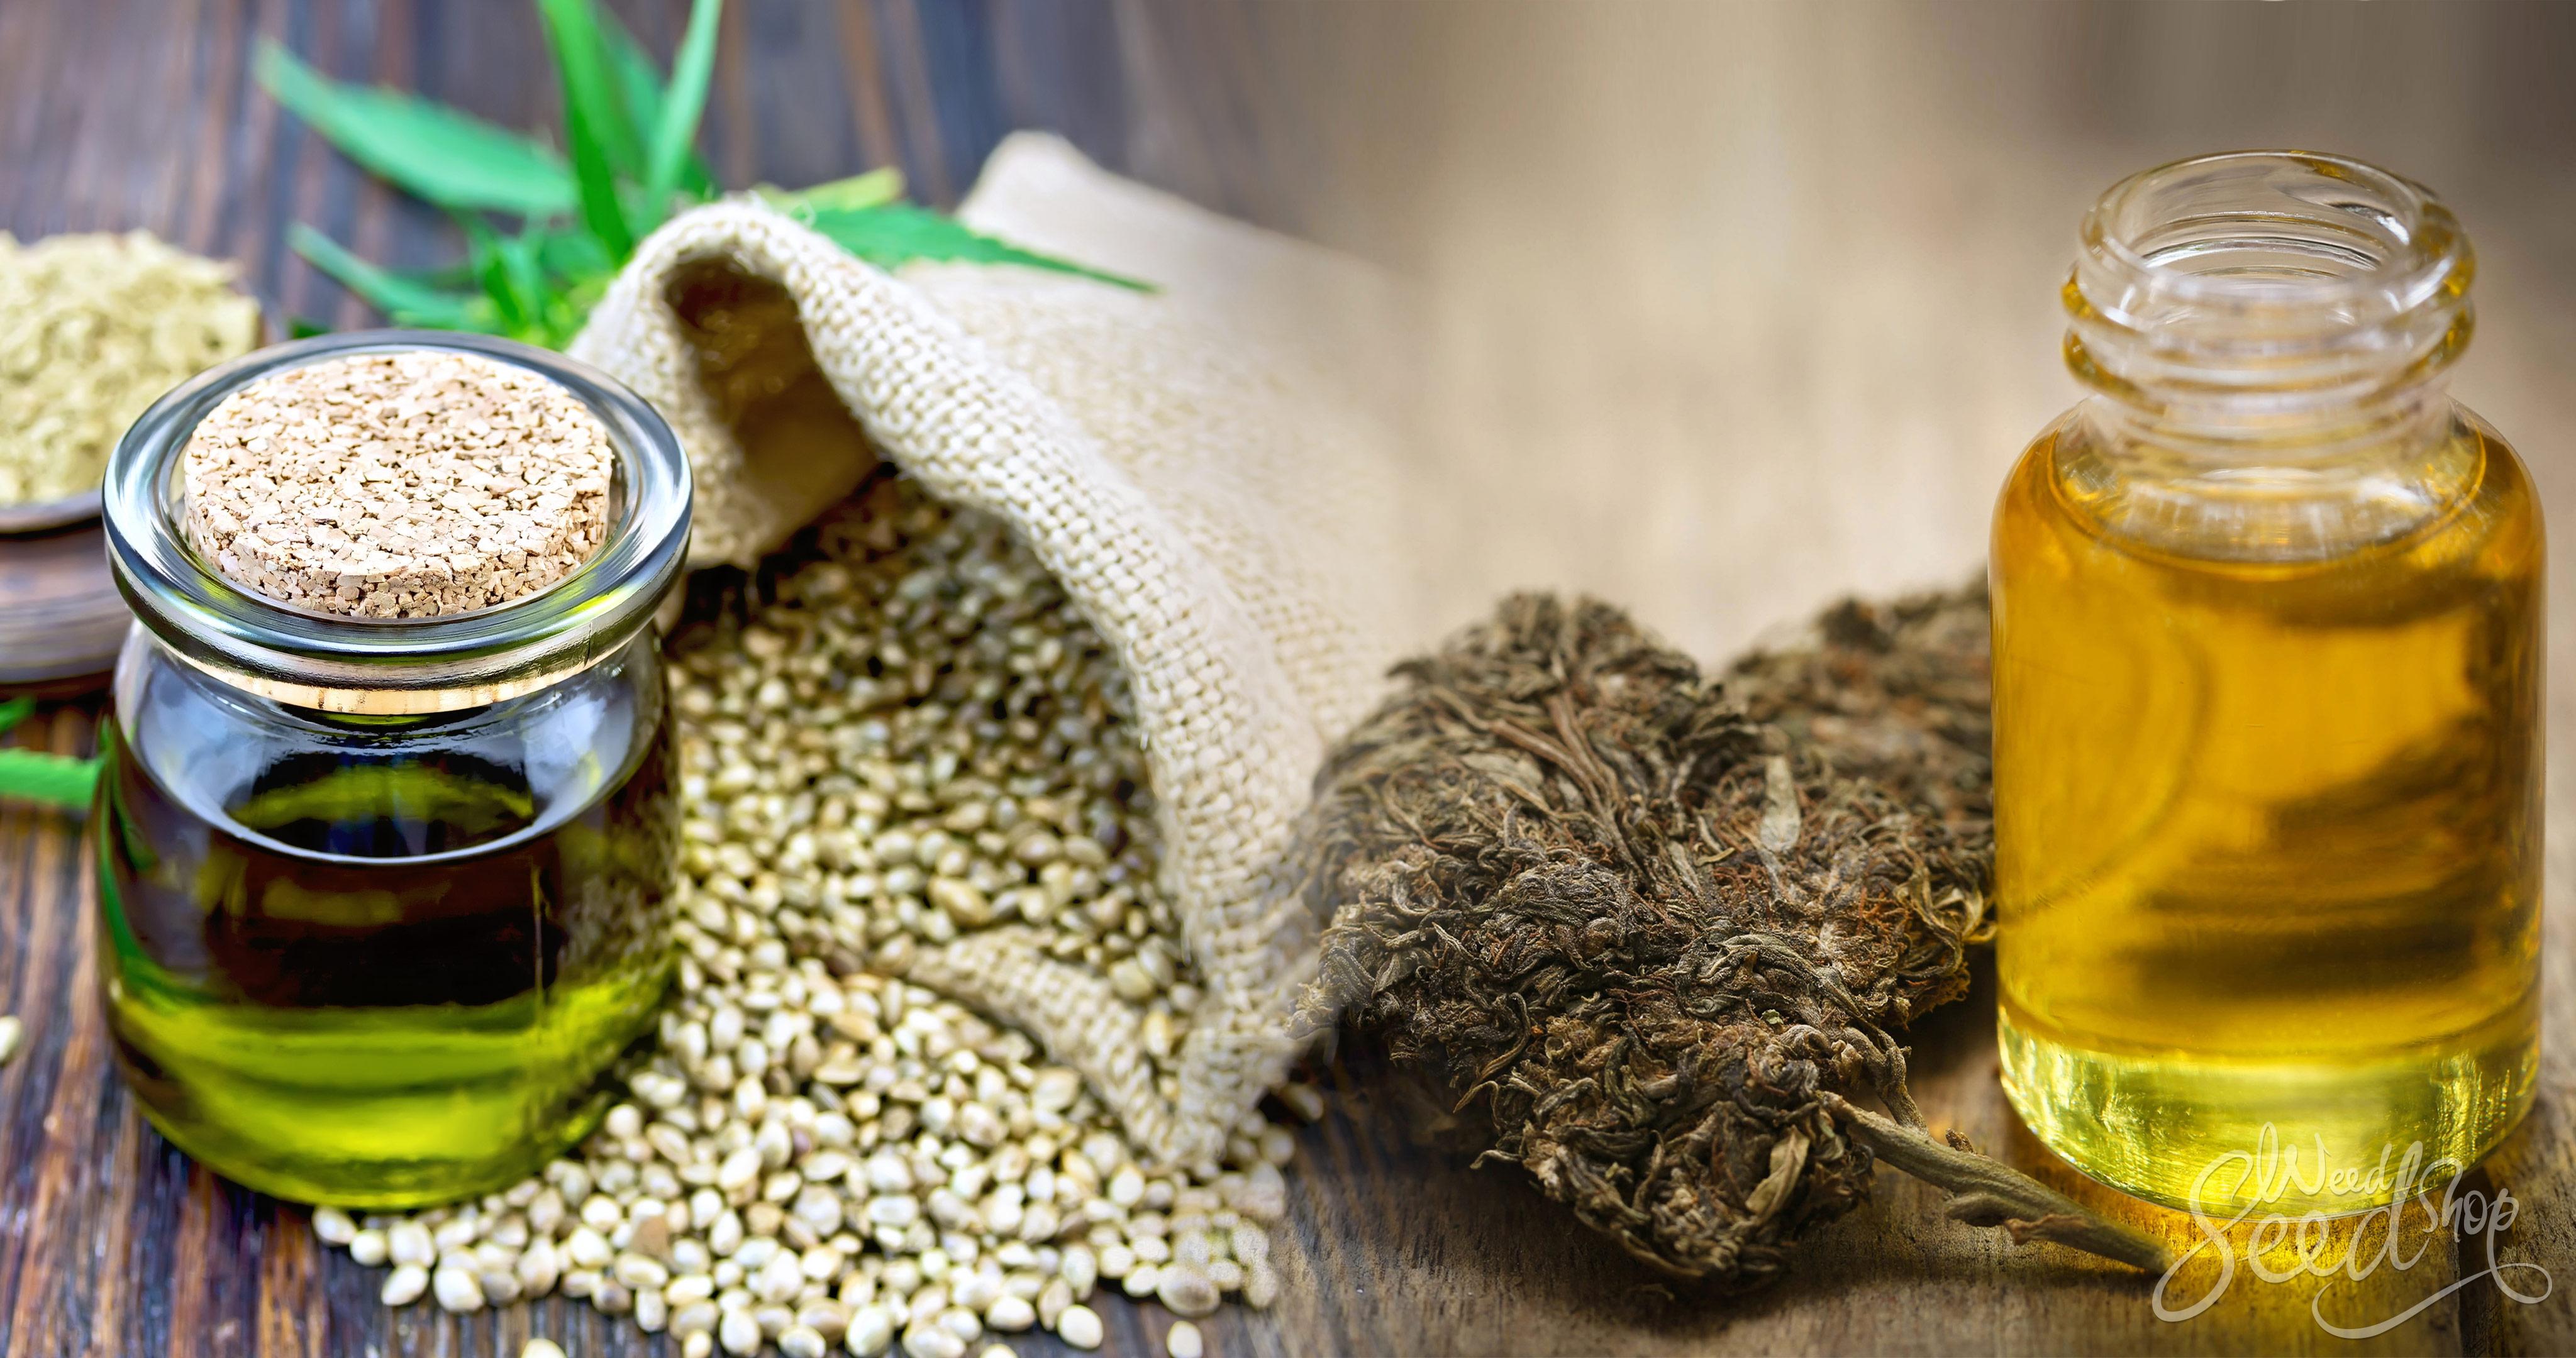 Conoce la diferencia: Aceite de cáñamo vs. Aceite de Cannabis - WeedSeedShop